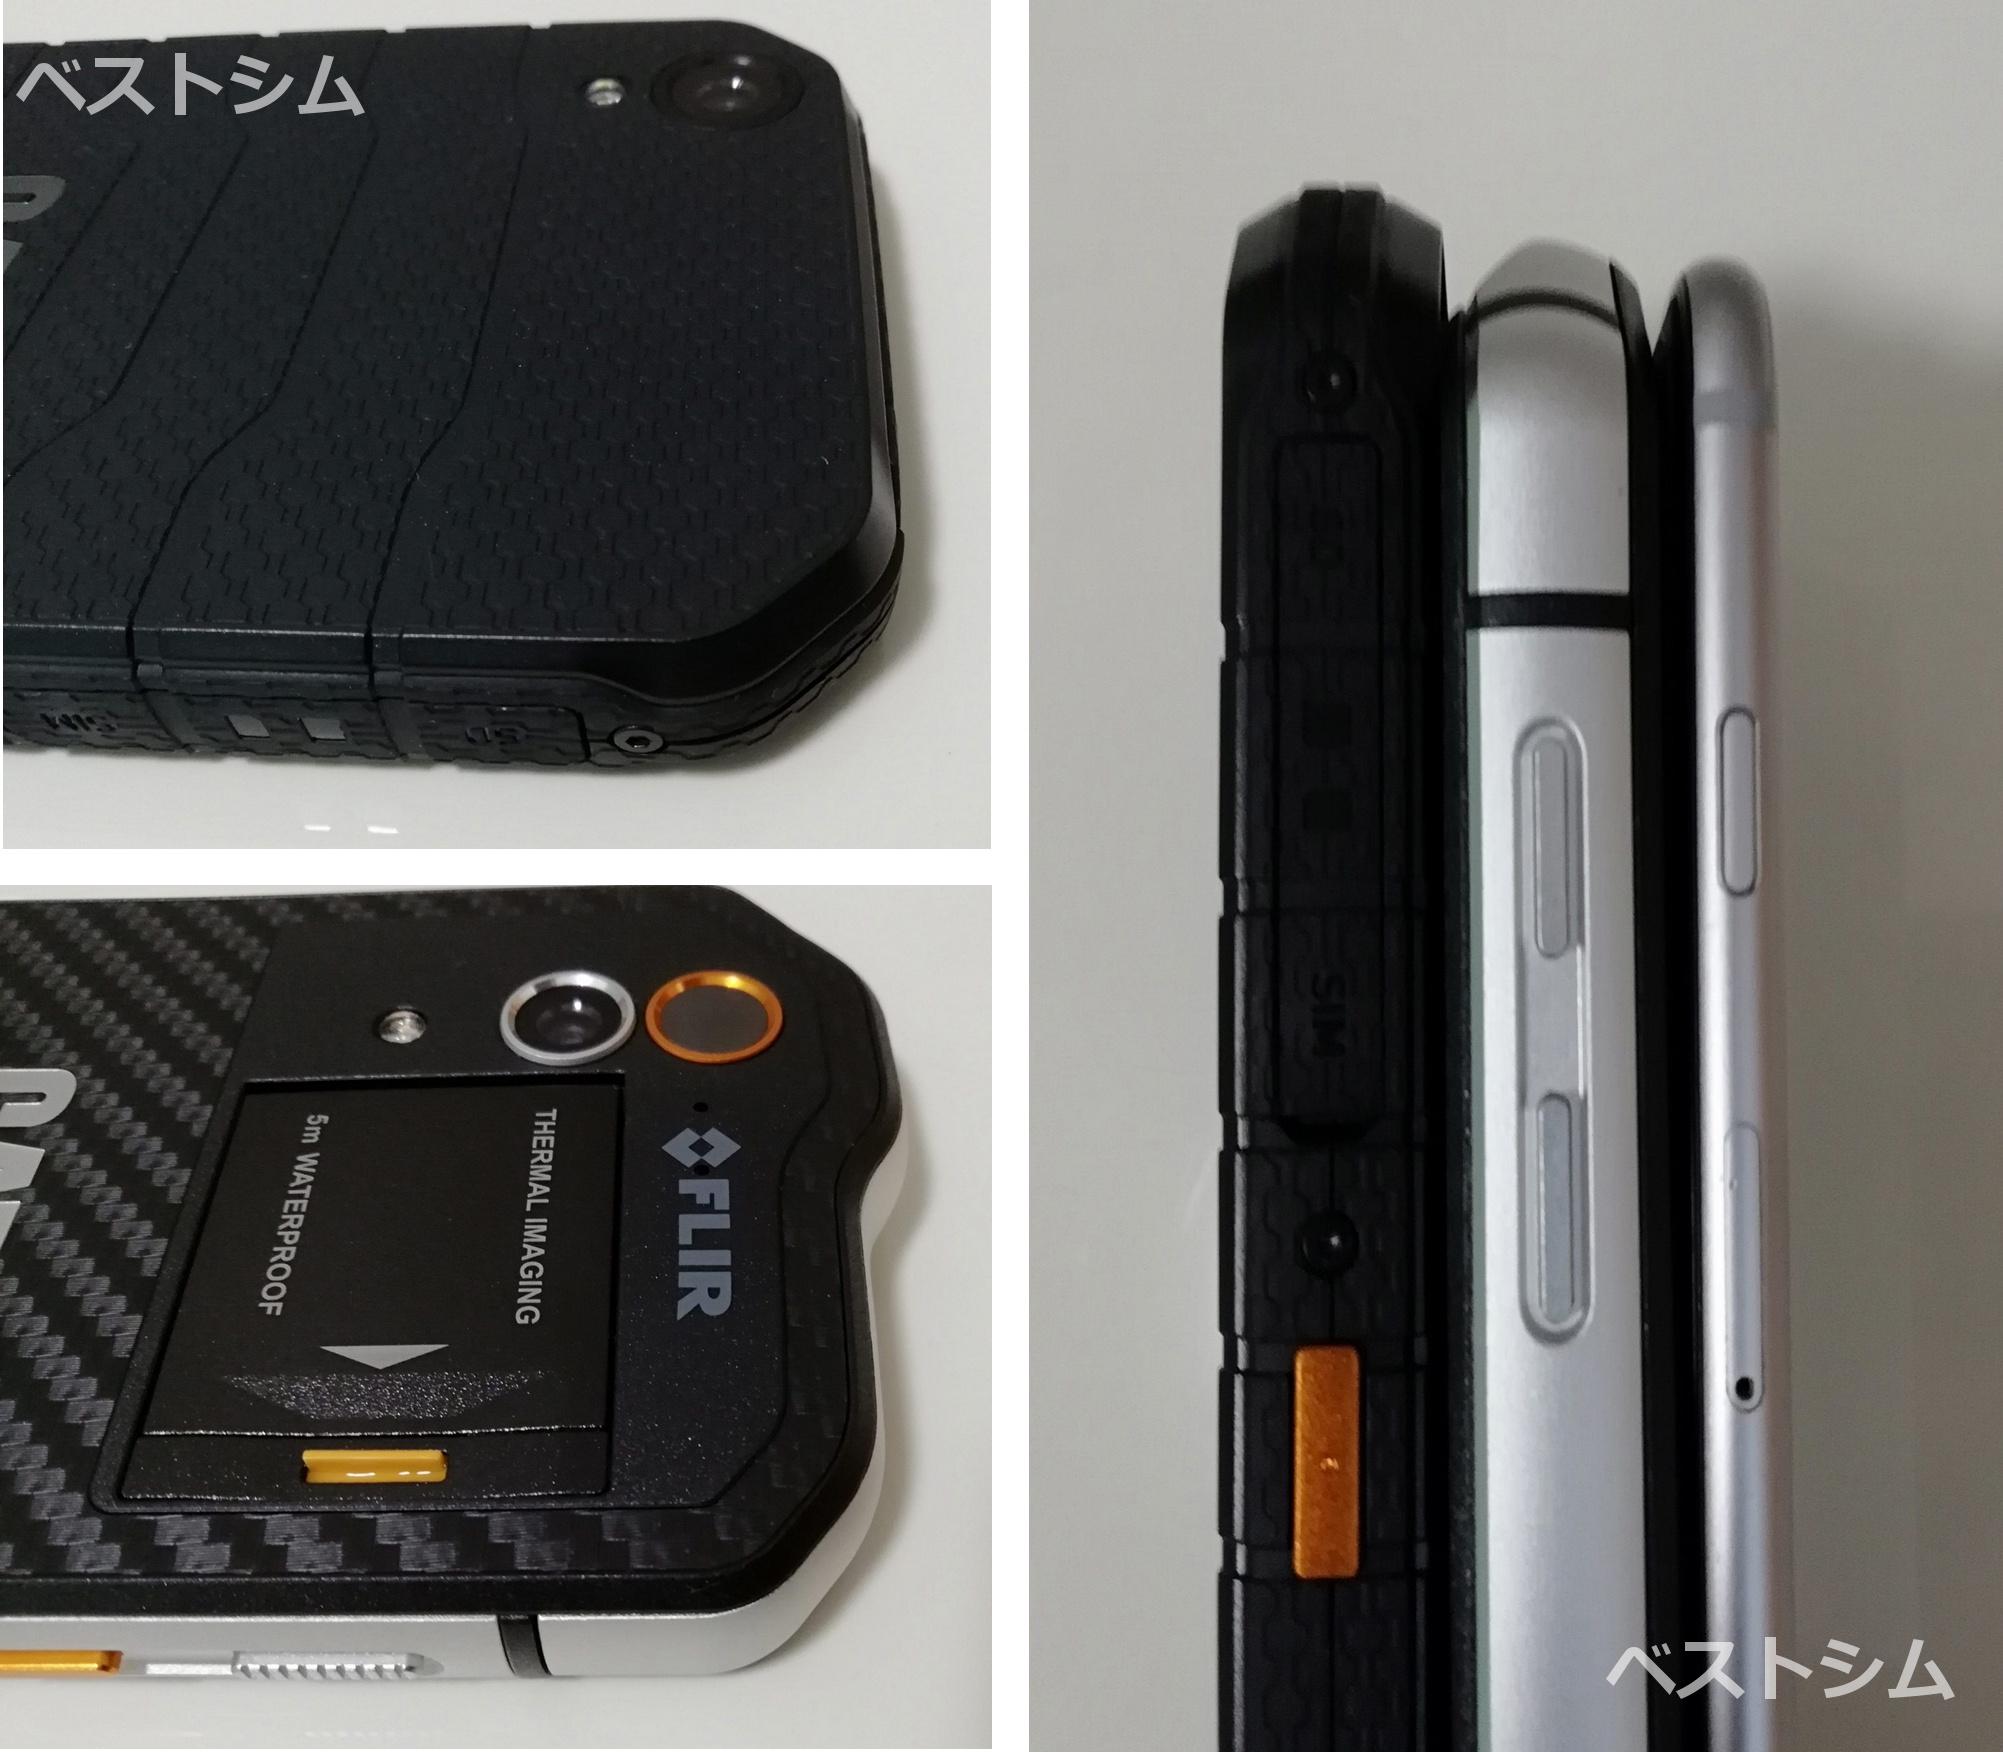 質感・厚みの比較(左:S41/中:S60/右:iphone 6)